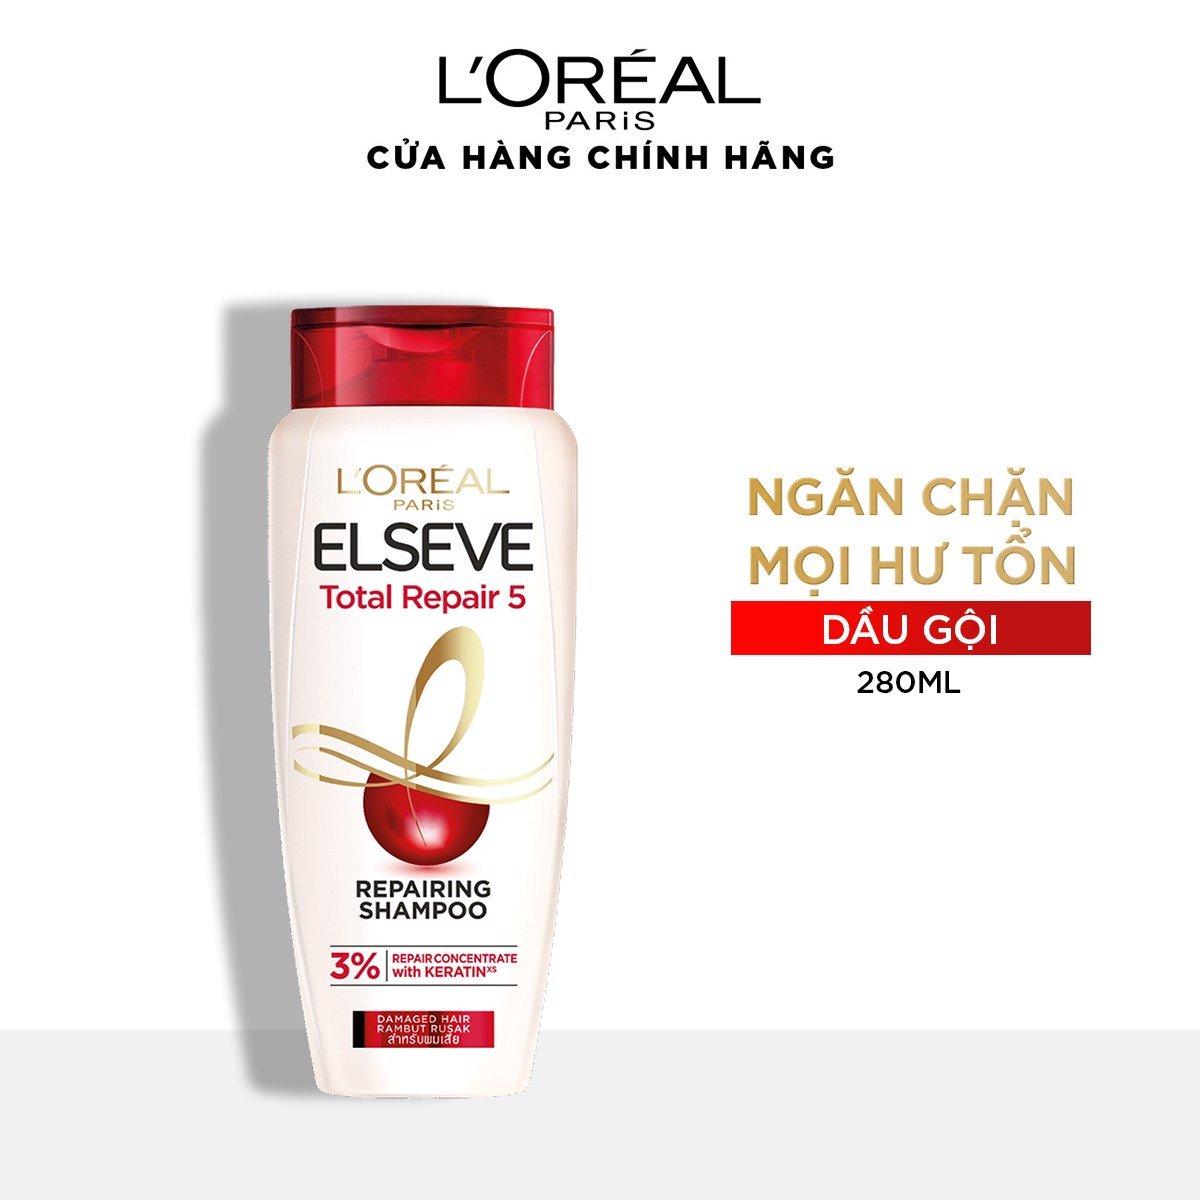 Dầu gội phục hồi tóc L'oreal Paris Elseve Total Repair 5 Repairing Shampoo 330ml